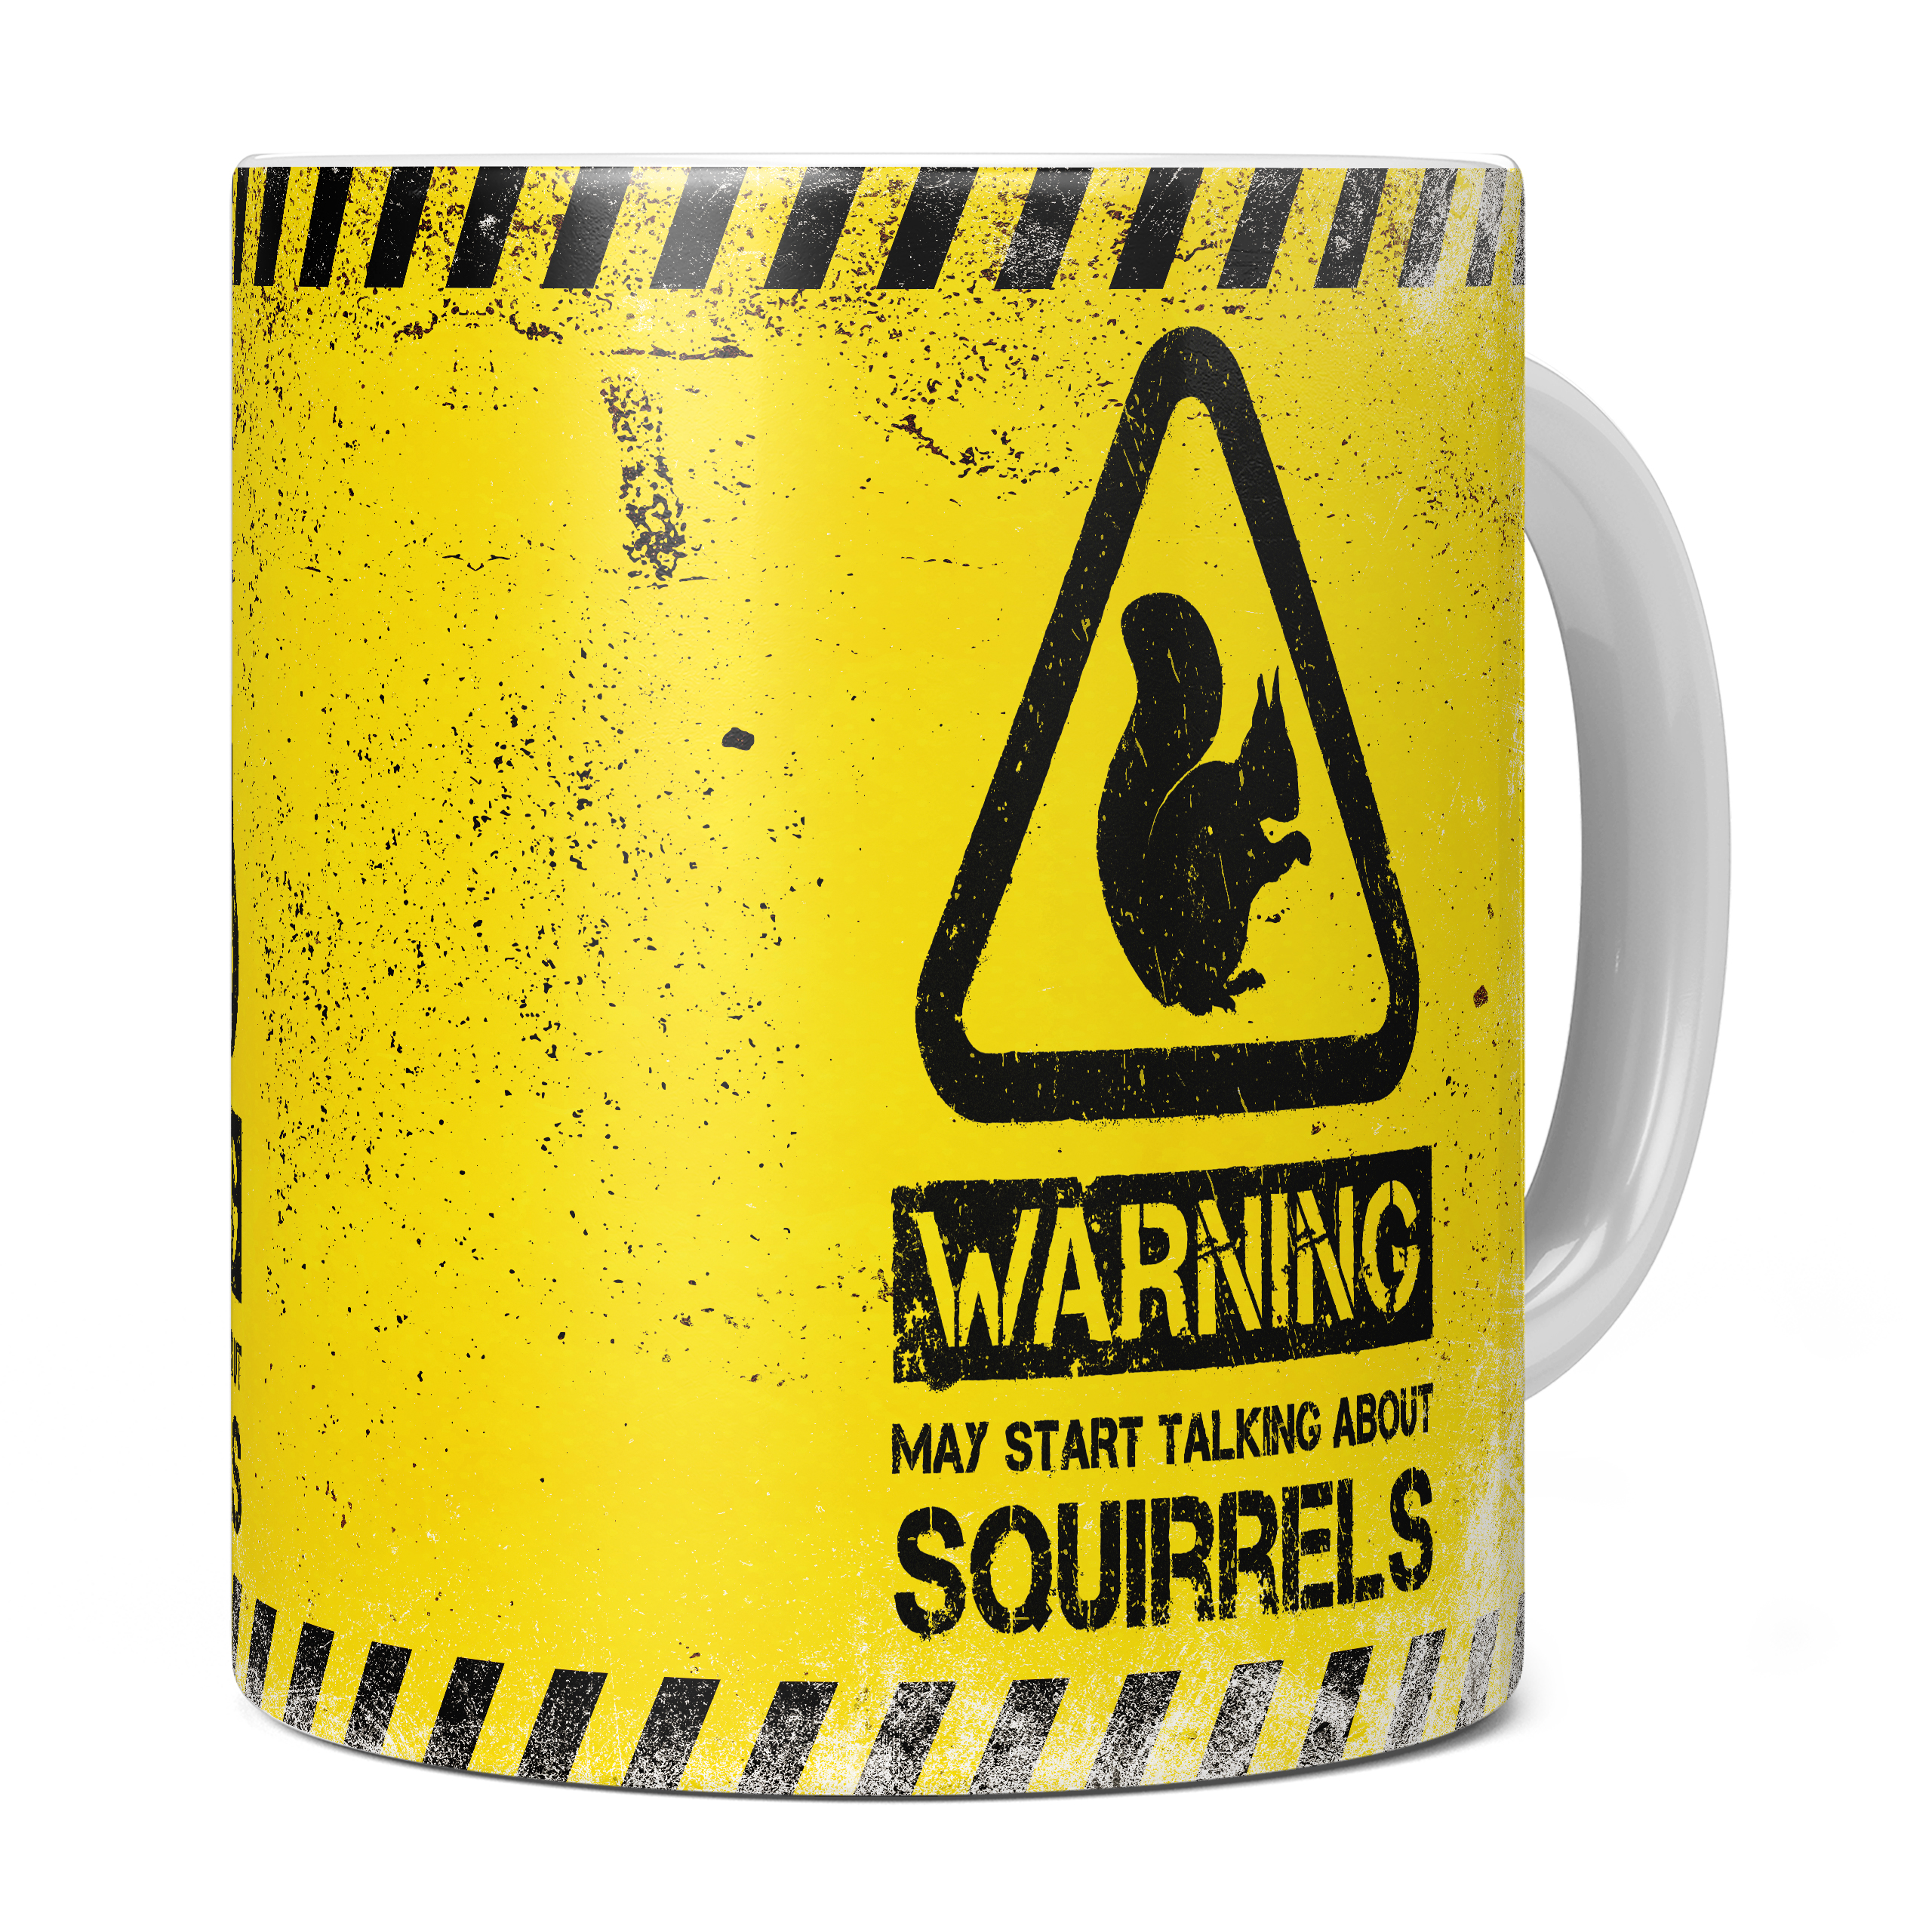 WARNING MAY START TALKING ABOUT SQUIRRELS 11oz NOVELTY MUG Mugs